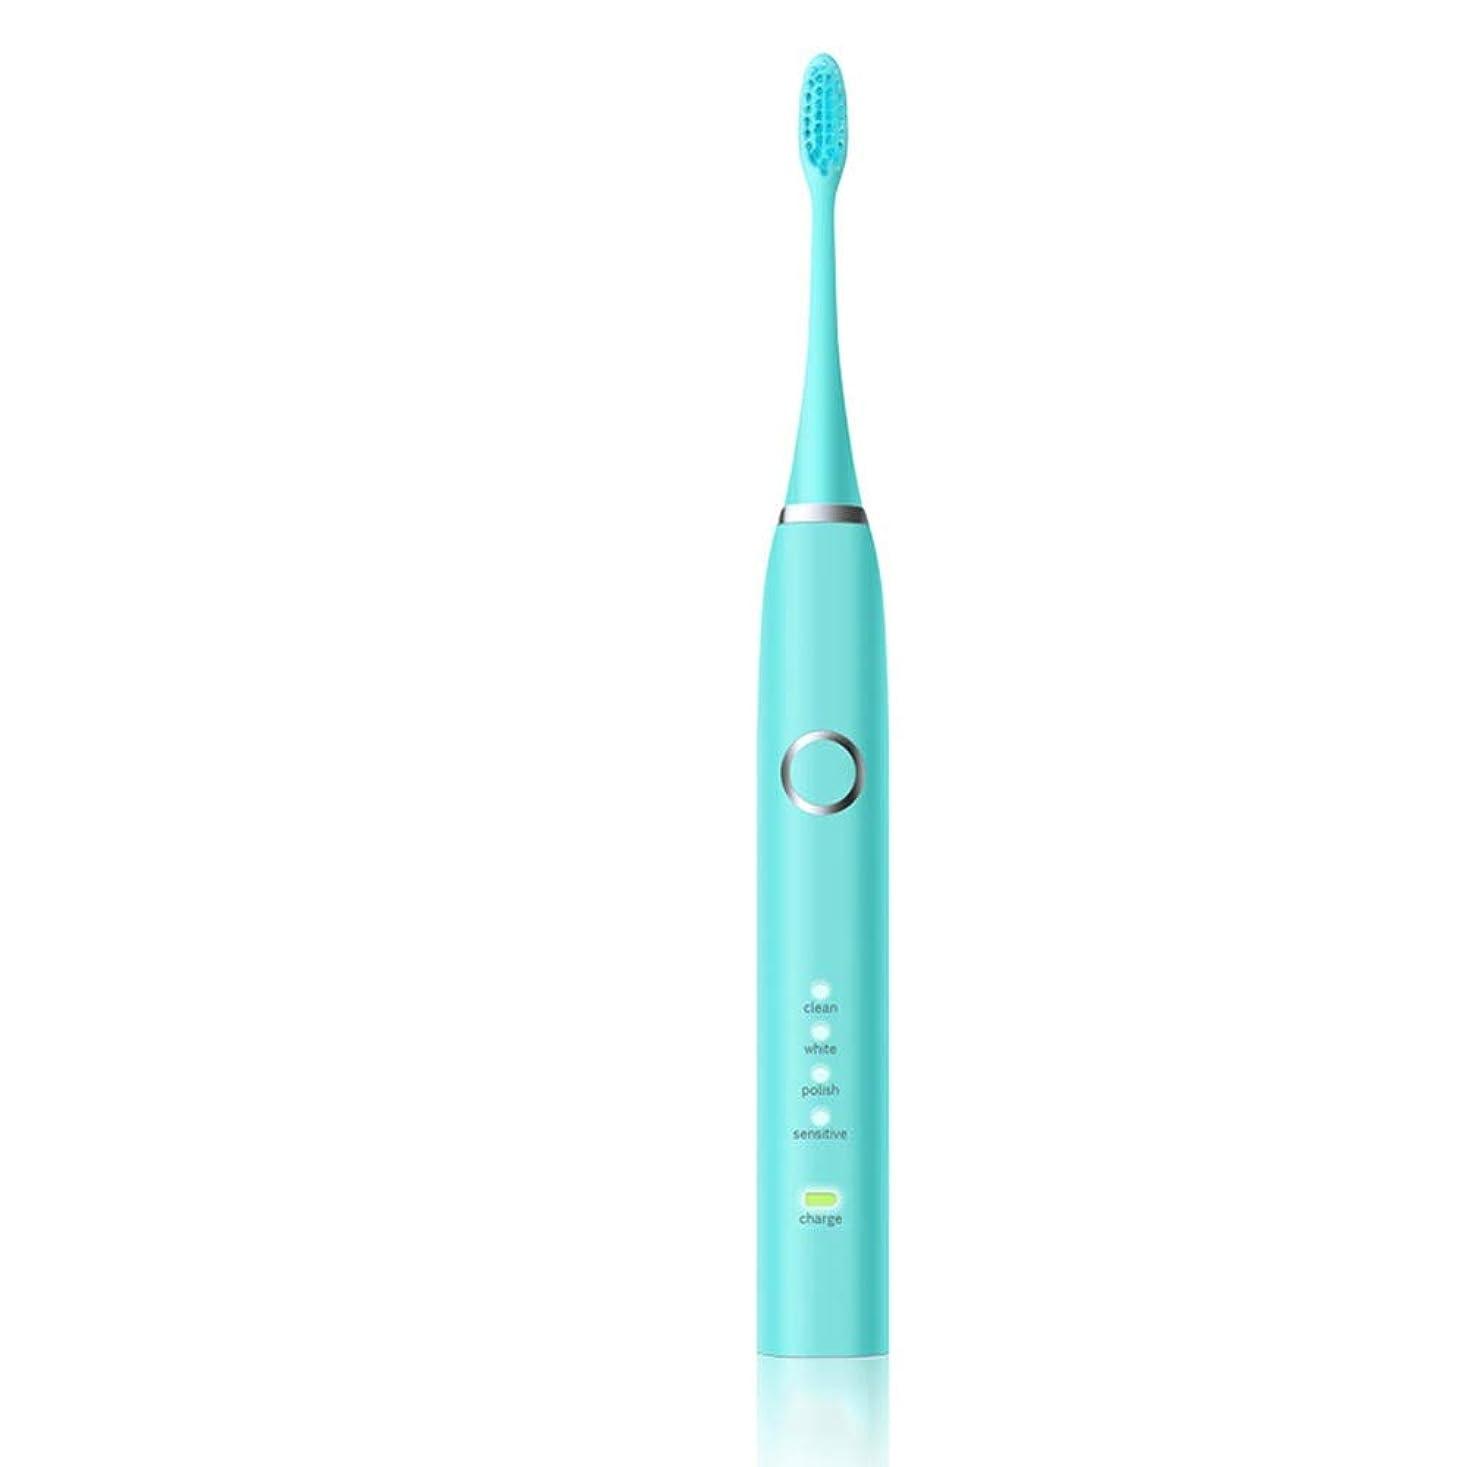 電動歯ブラシ 毎日の使用のための歯ブラシを白くするUSB??の充満ベースホルダーの柔らかい毛と防水電動歯ブラシ 大人と子供向け (色 : 緑, サイズ : Free size)